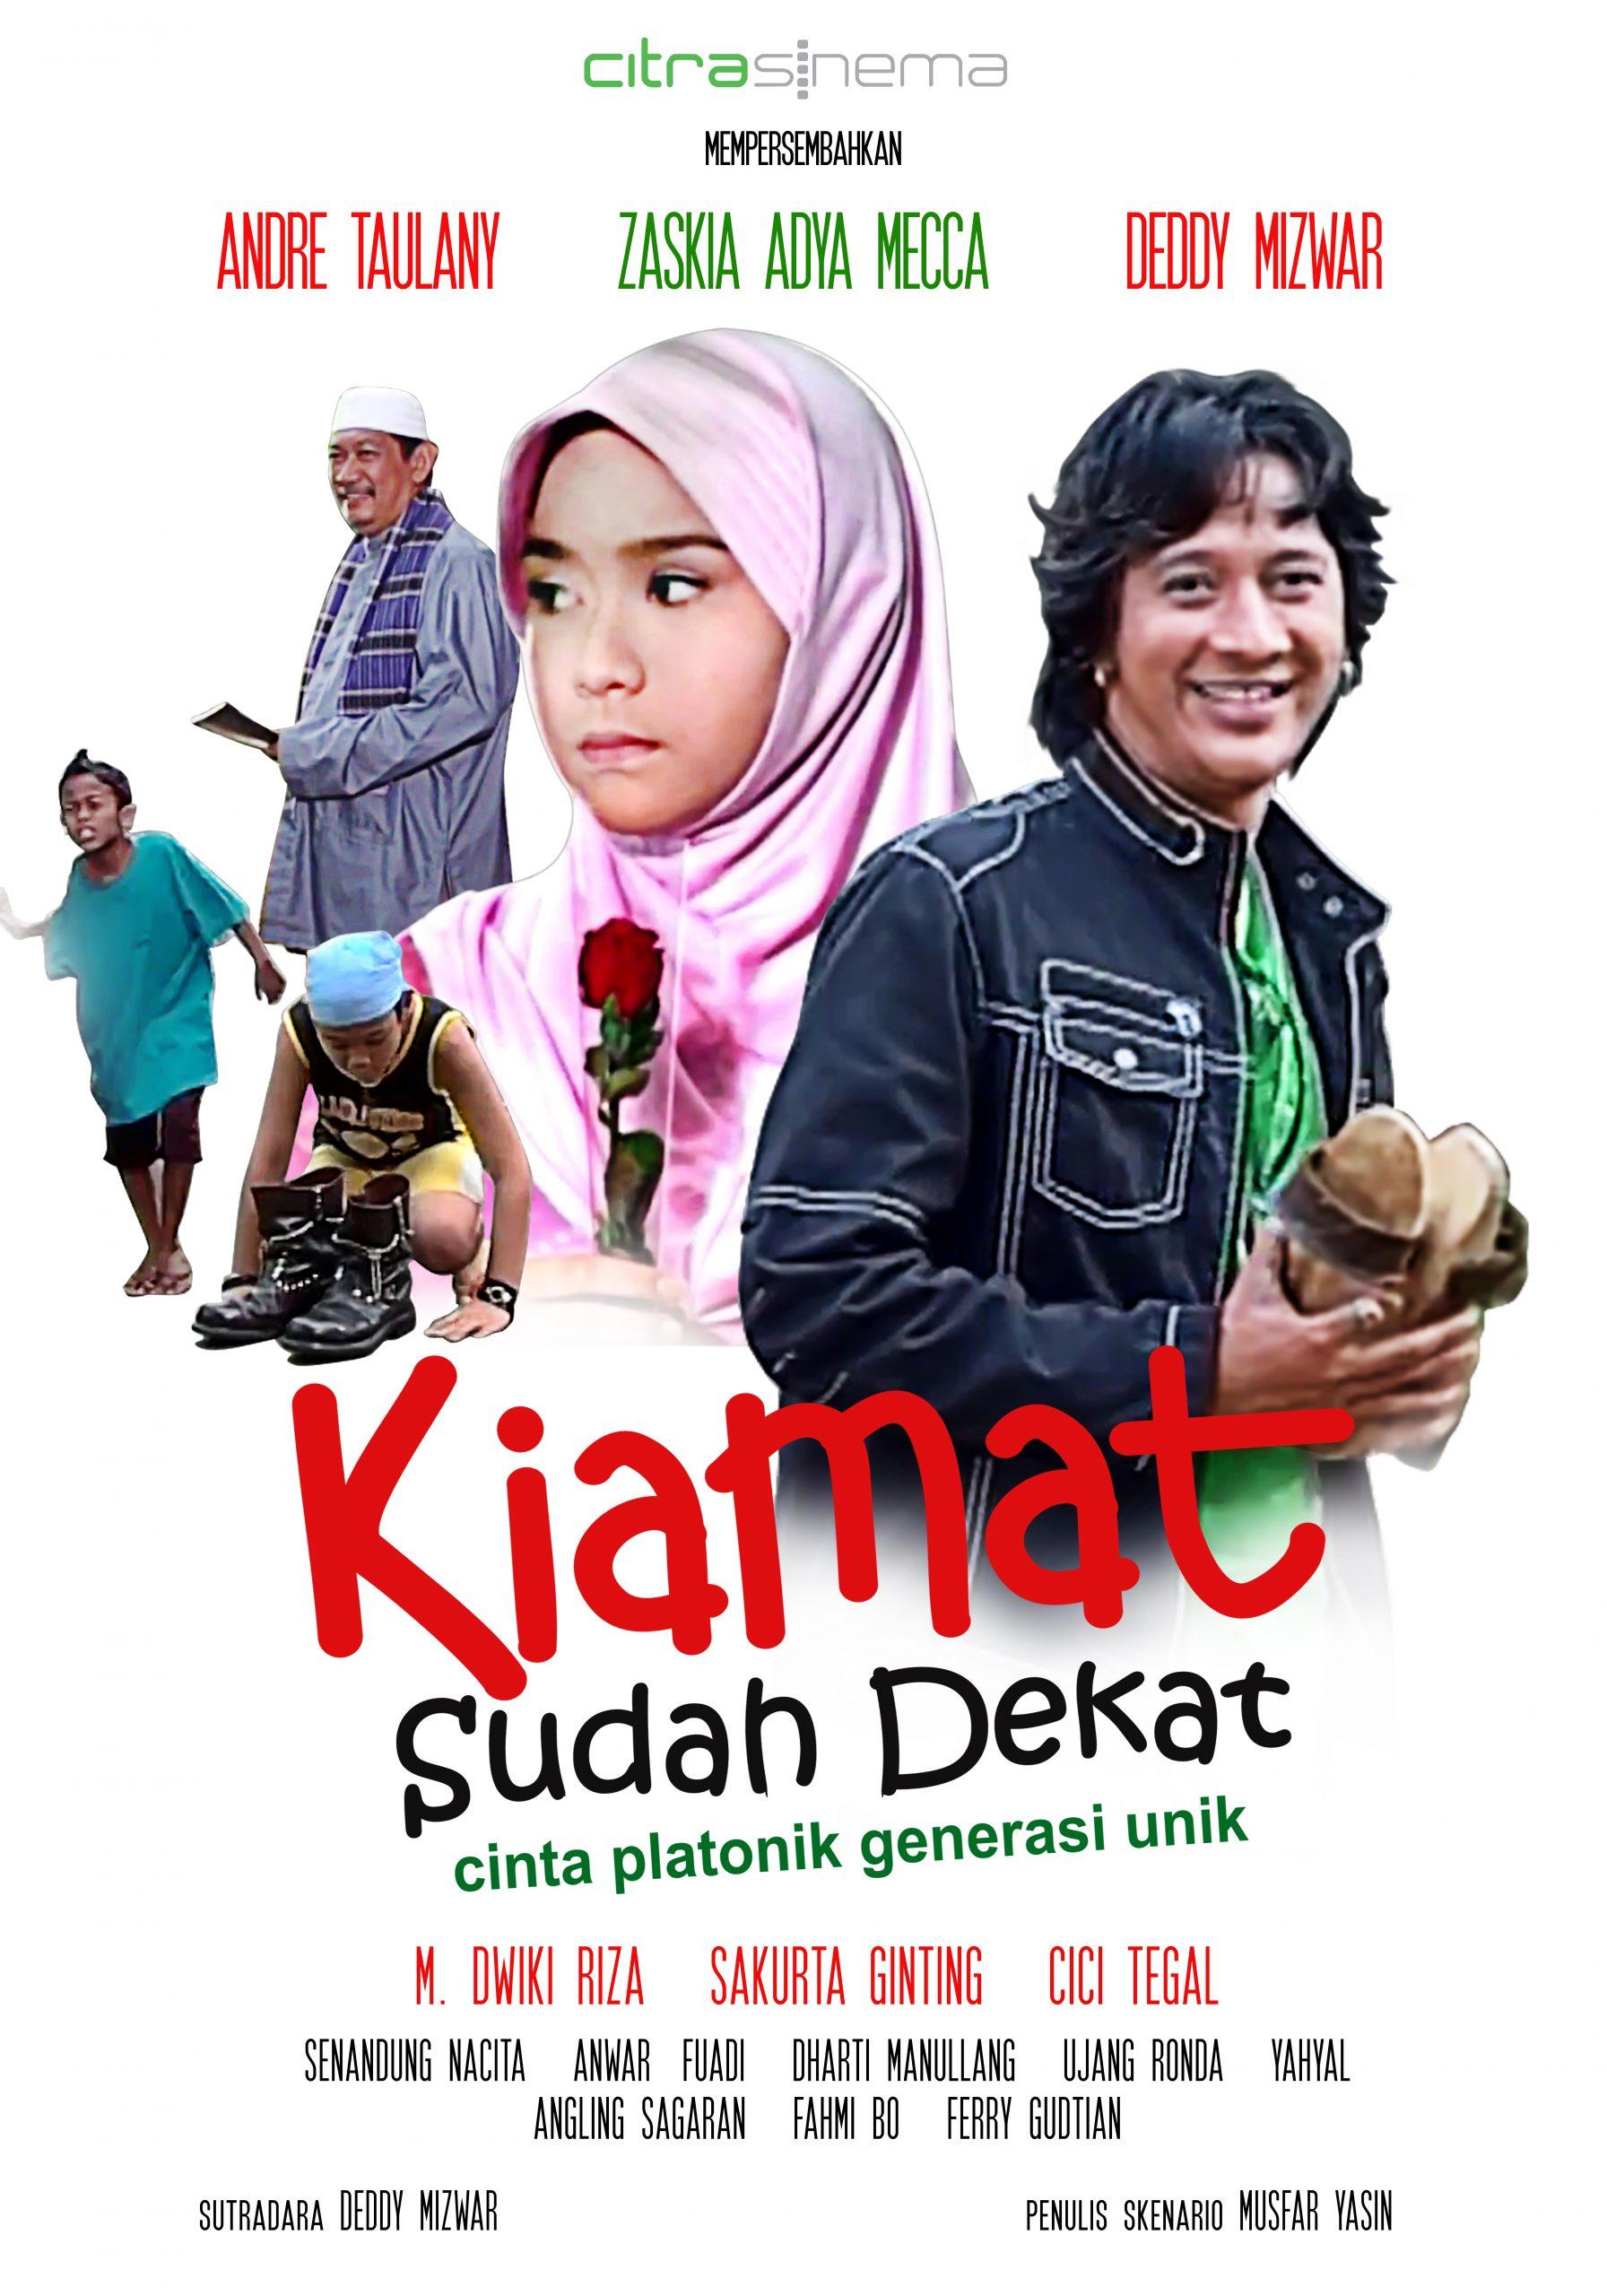 Kiamat Sudah Dekat 1 Episode 41